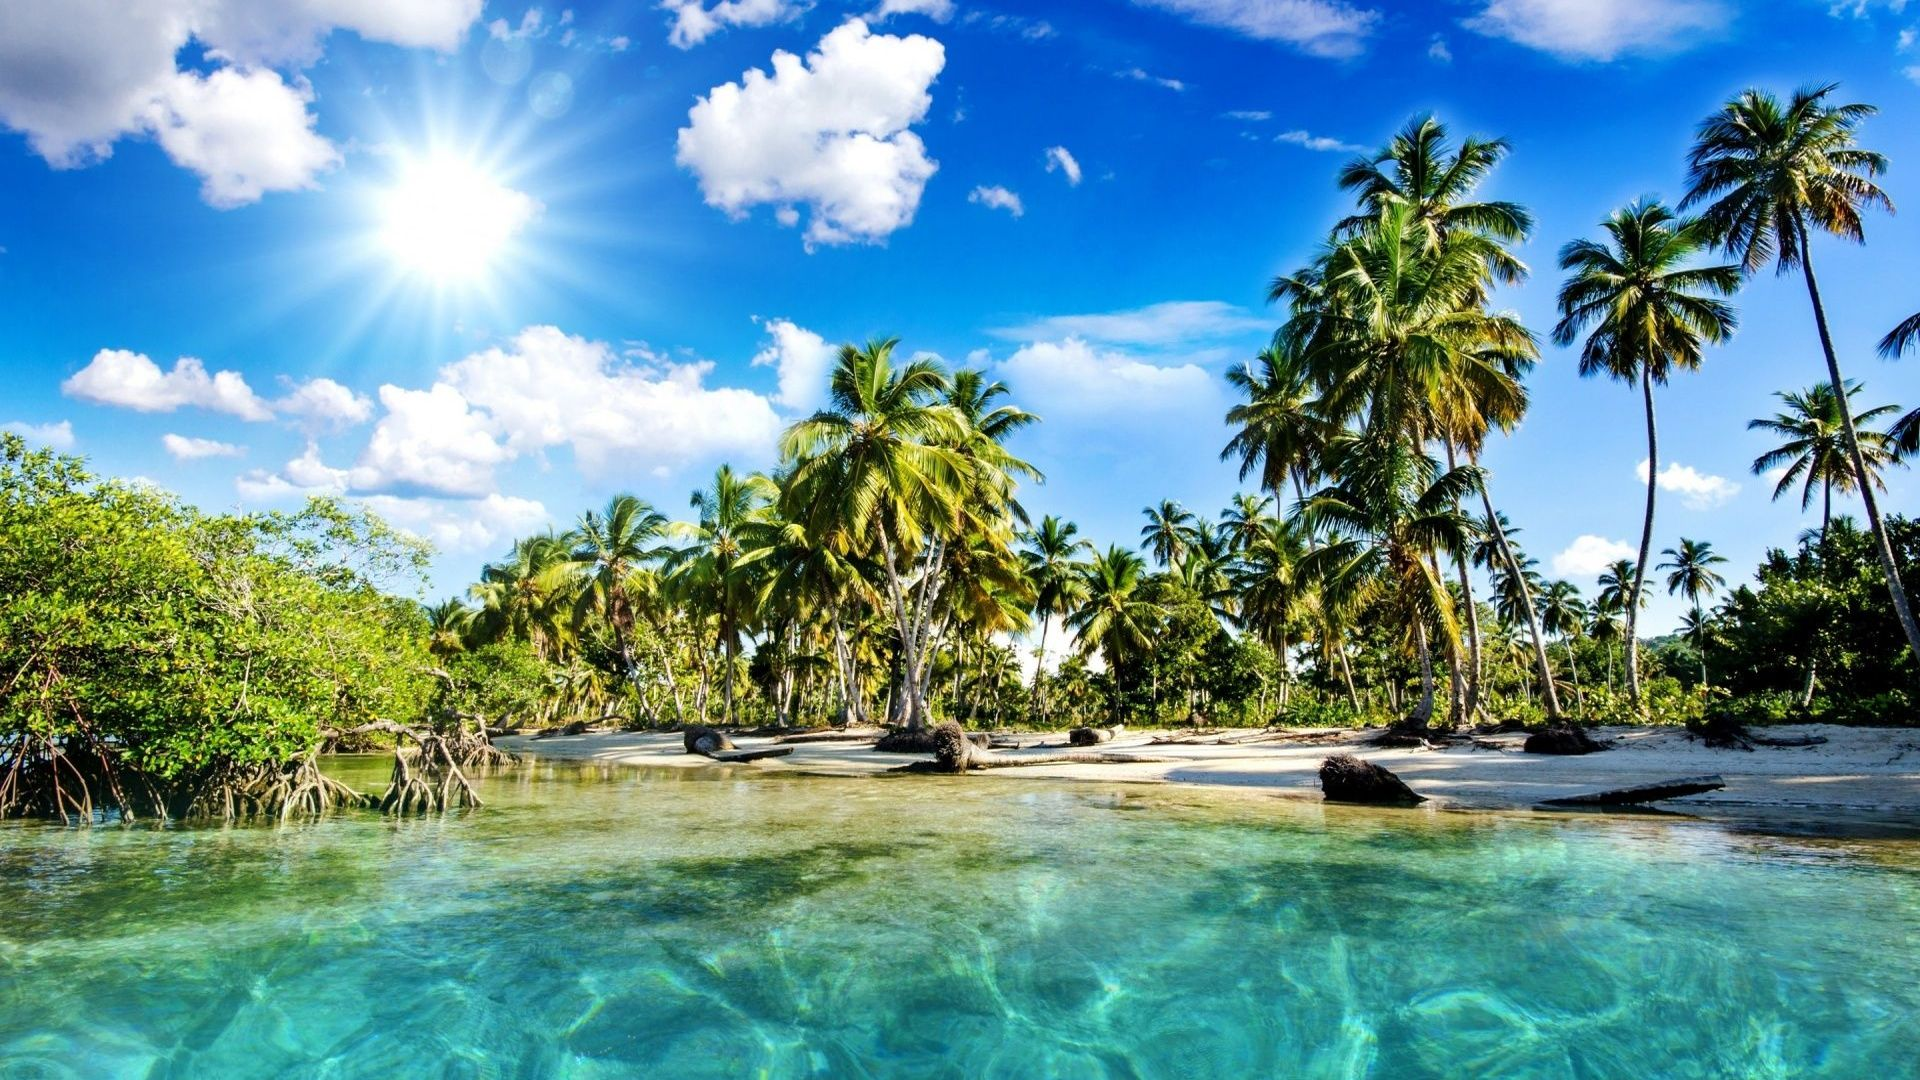 hd hintergrundbilder tropisch palme meer lagune urlaub desktop hintergrund. Black Bedroom Furniture Sets. Home Design Ideas